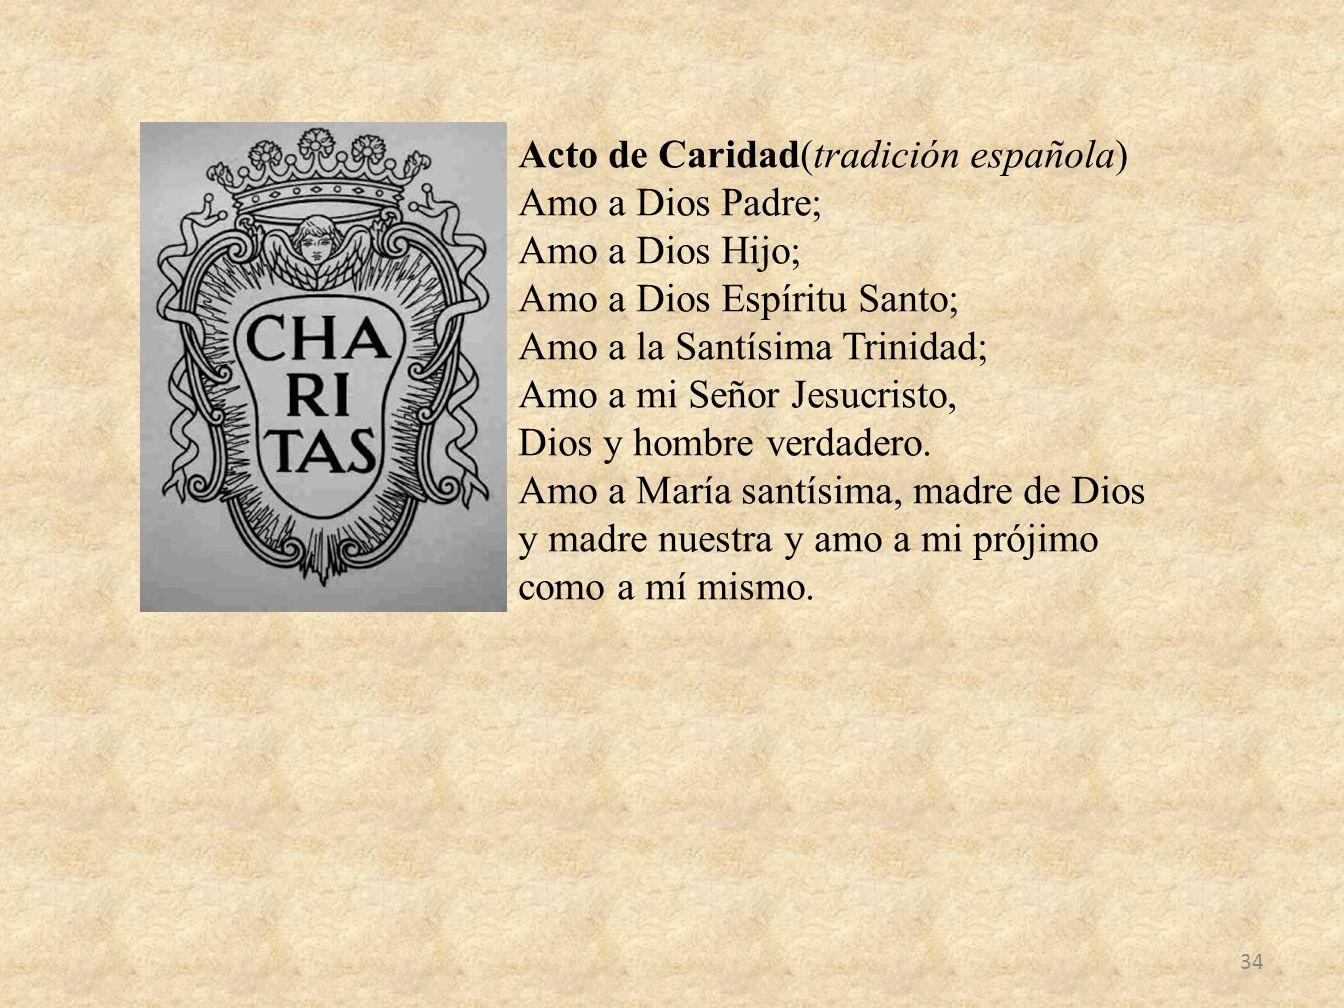 Acto de Caridad(tradición española) Amo a Dios Padre; Amo a Dios Hijo; Amo a Dios Espíritu Santo; Amo a la Santísima Trinidad; Amo a mi Señor Jesucris